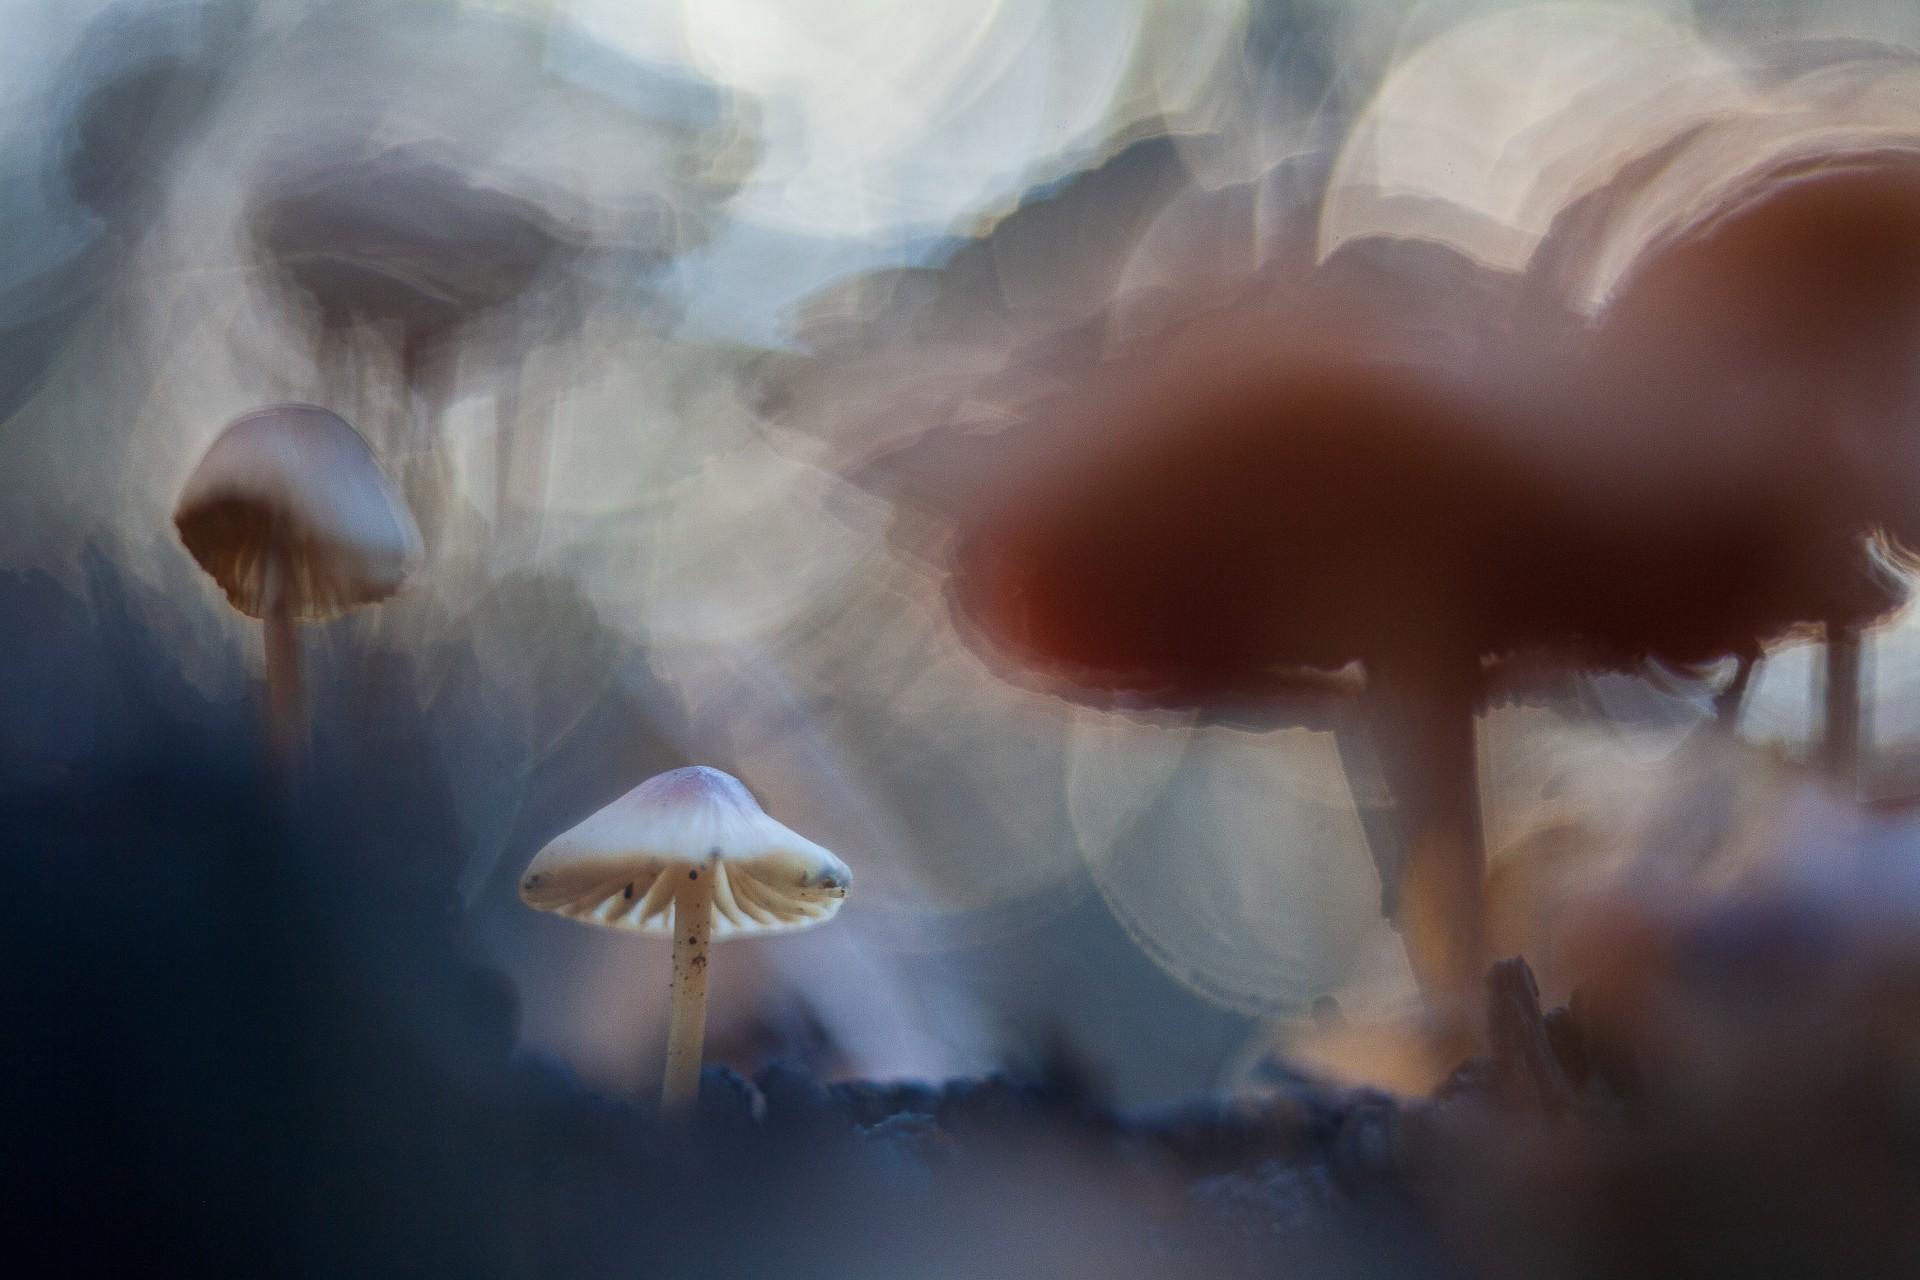 Fotó: Jantyik Tibor: Óriások között<br />Kategória: Növények és gombák<br />Helyezés: 1. díj<br /><br />Az októberi esőzések után az erdő kidőlt fáinak az elkorhadt tönkjén a gombák gyors növekedésnek indulnak. A tönk egyenetlen széle kitűnő lehetőséget ad arra, hogy a kissé alsó látószögben fotózott gombák az élességponton kívül esve különleges alakzatokat formáljanak. Pósteleki erdő, Békéscsaba környéke. Ennek a leképzésében nagy segítséget nyújt egy különleges, de egyszerű felépítésű objektív, mint ami a diavetítőkben is van.